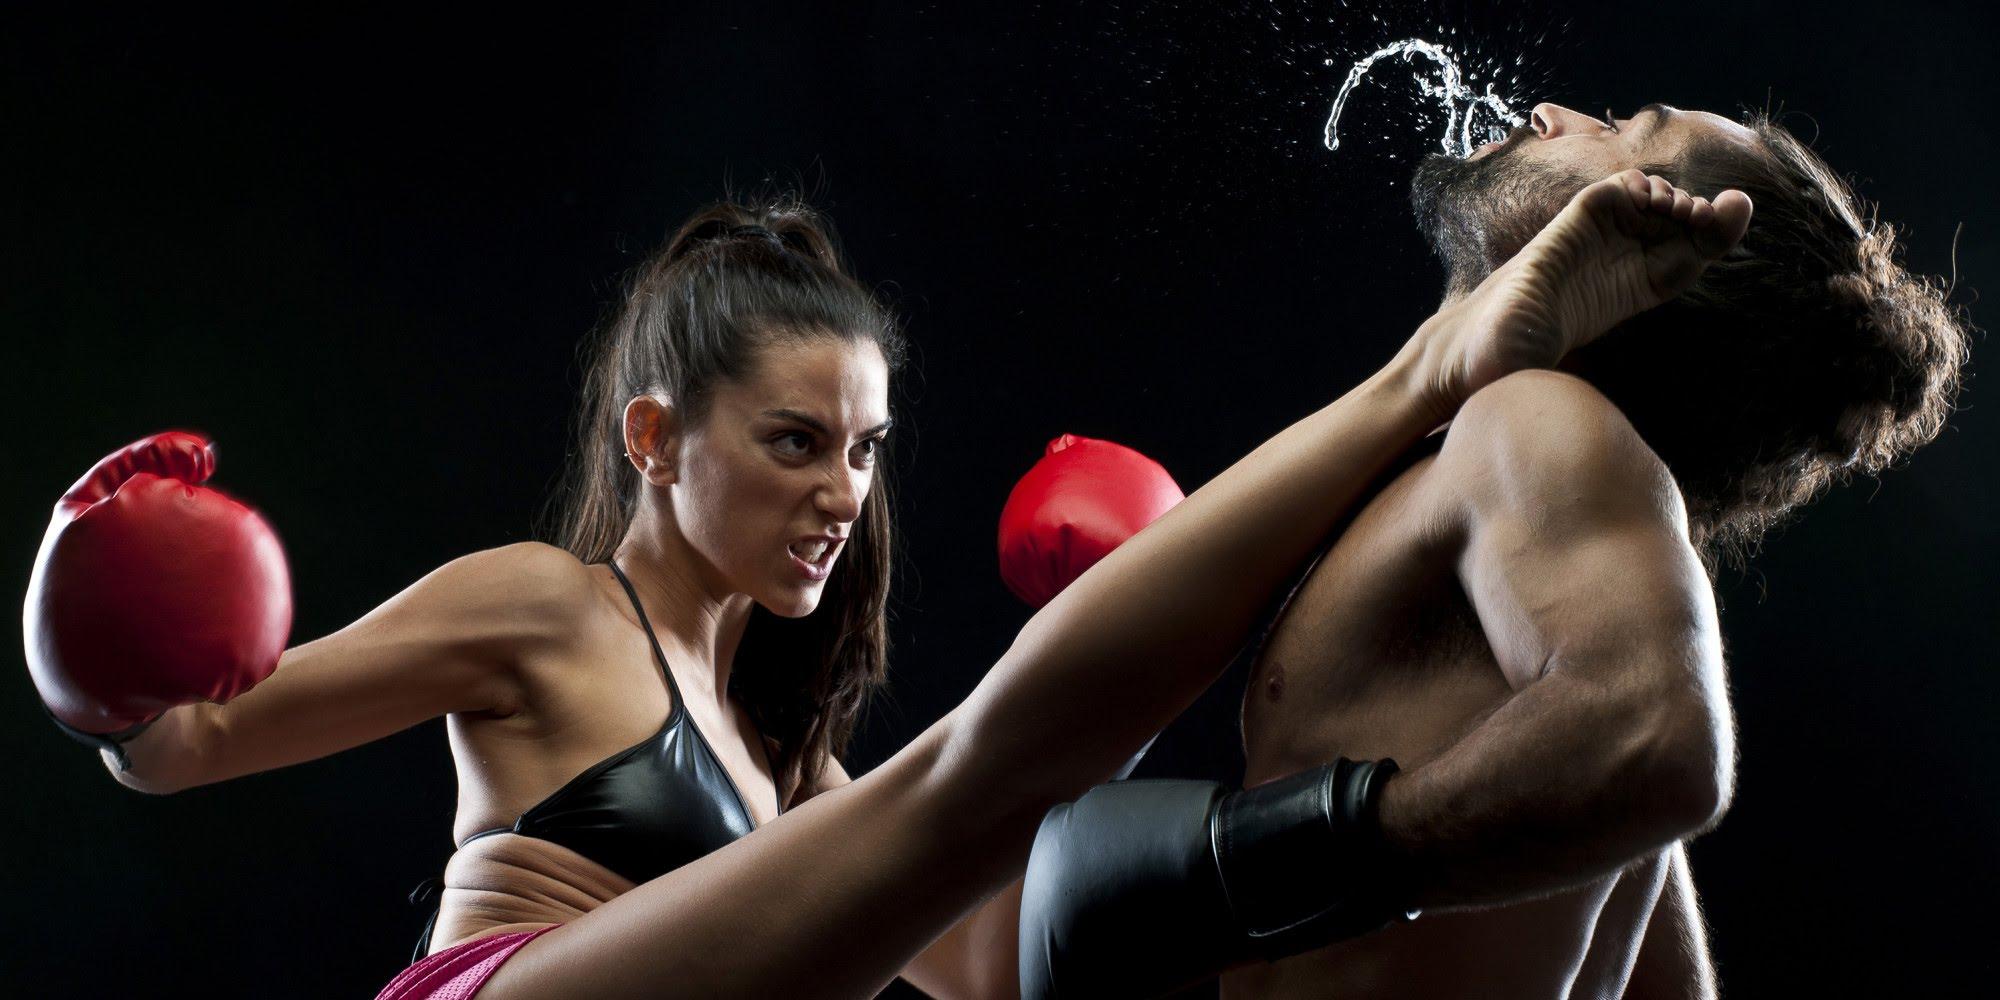 women fight men Top 10 gier, w których dominują kobiety.